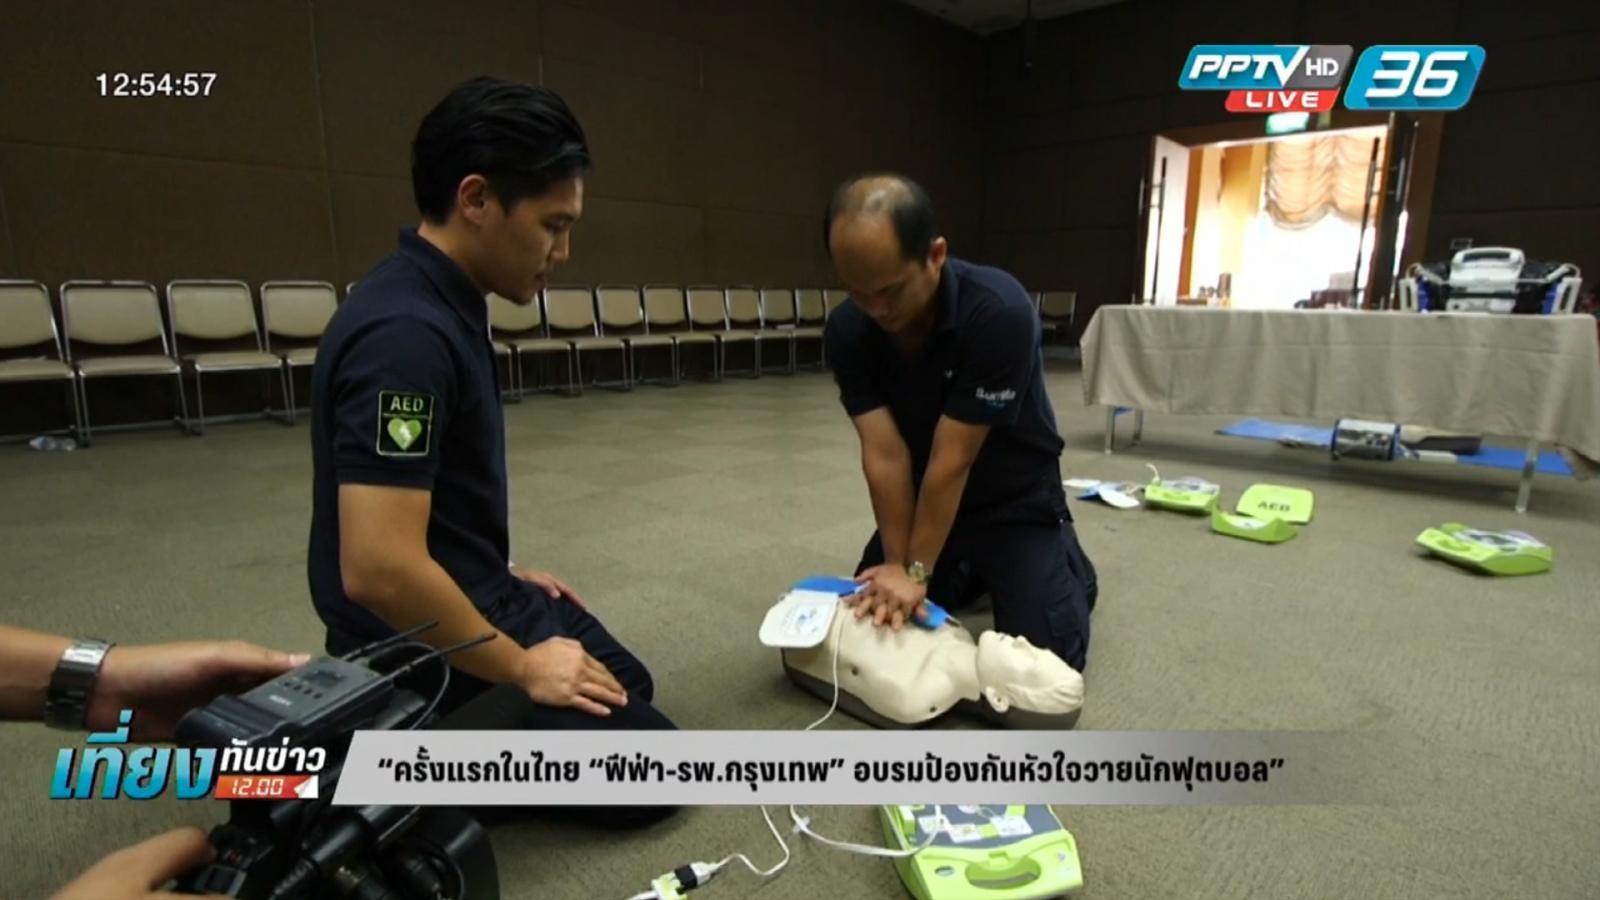 """ครั้งแรกในไทย """"ฟีฟ่า-รพ.กรุงเทพ"""" อบรมป้องกันหัวใจวายนักฟุตบอล"""